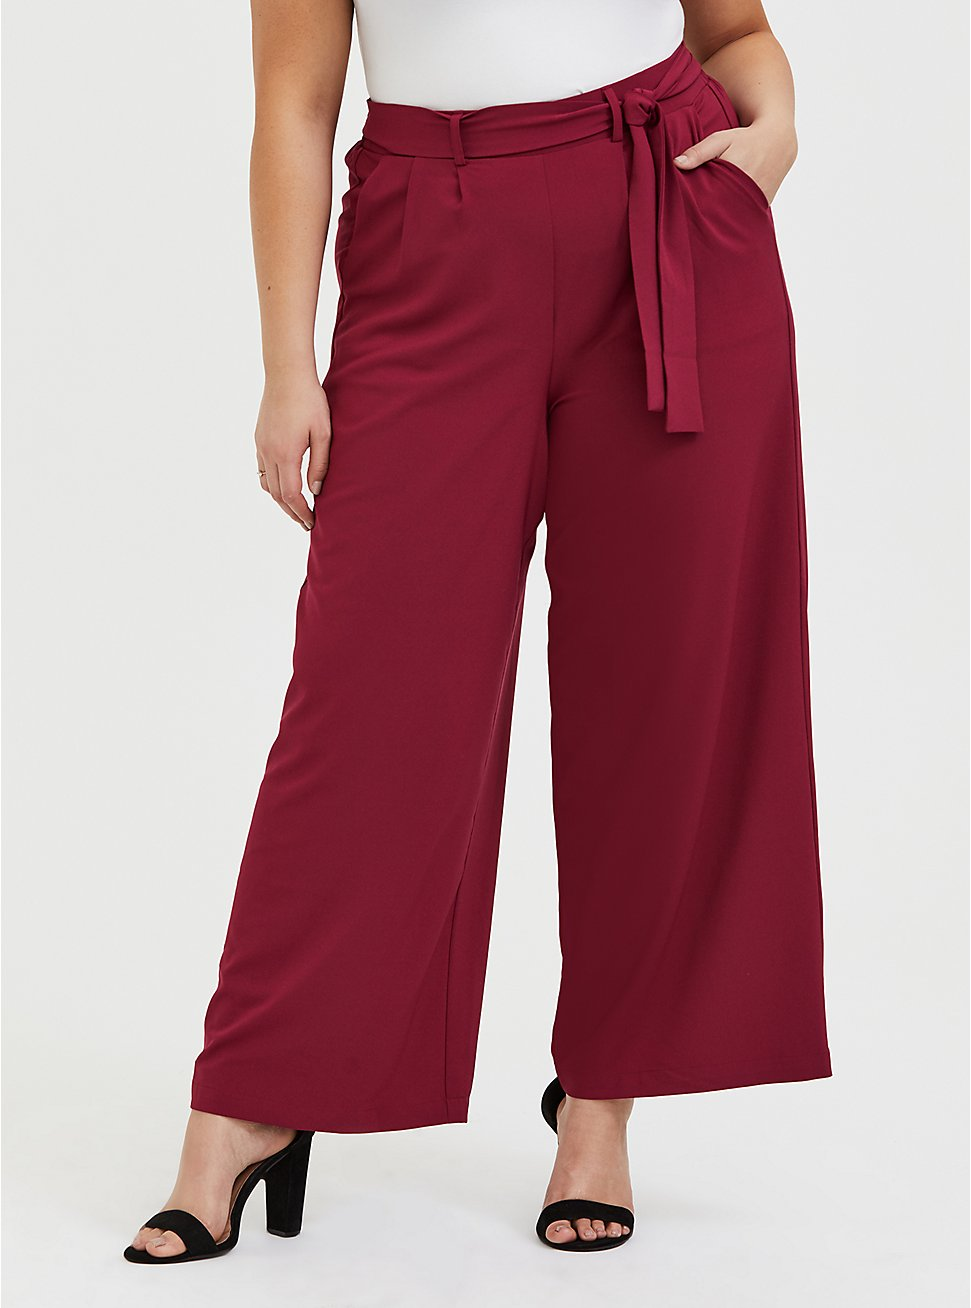 Red Wine Crepe Self Tie Wide Leg Pant, BEET RED, hi-res